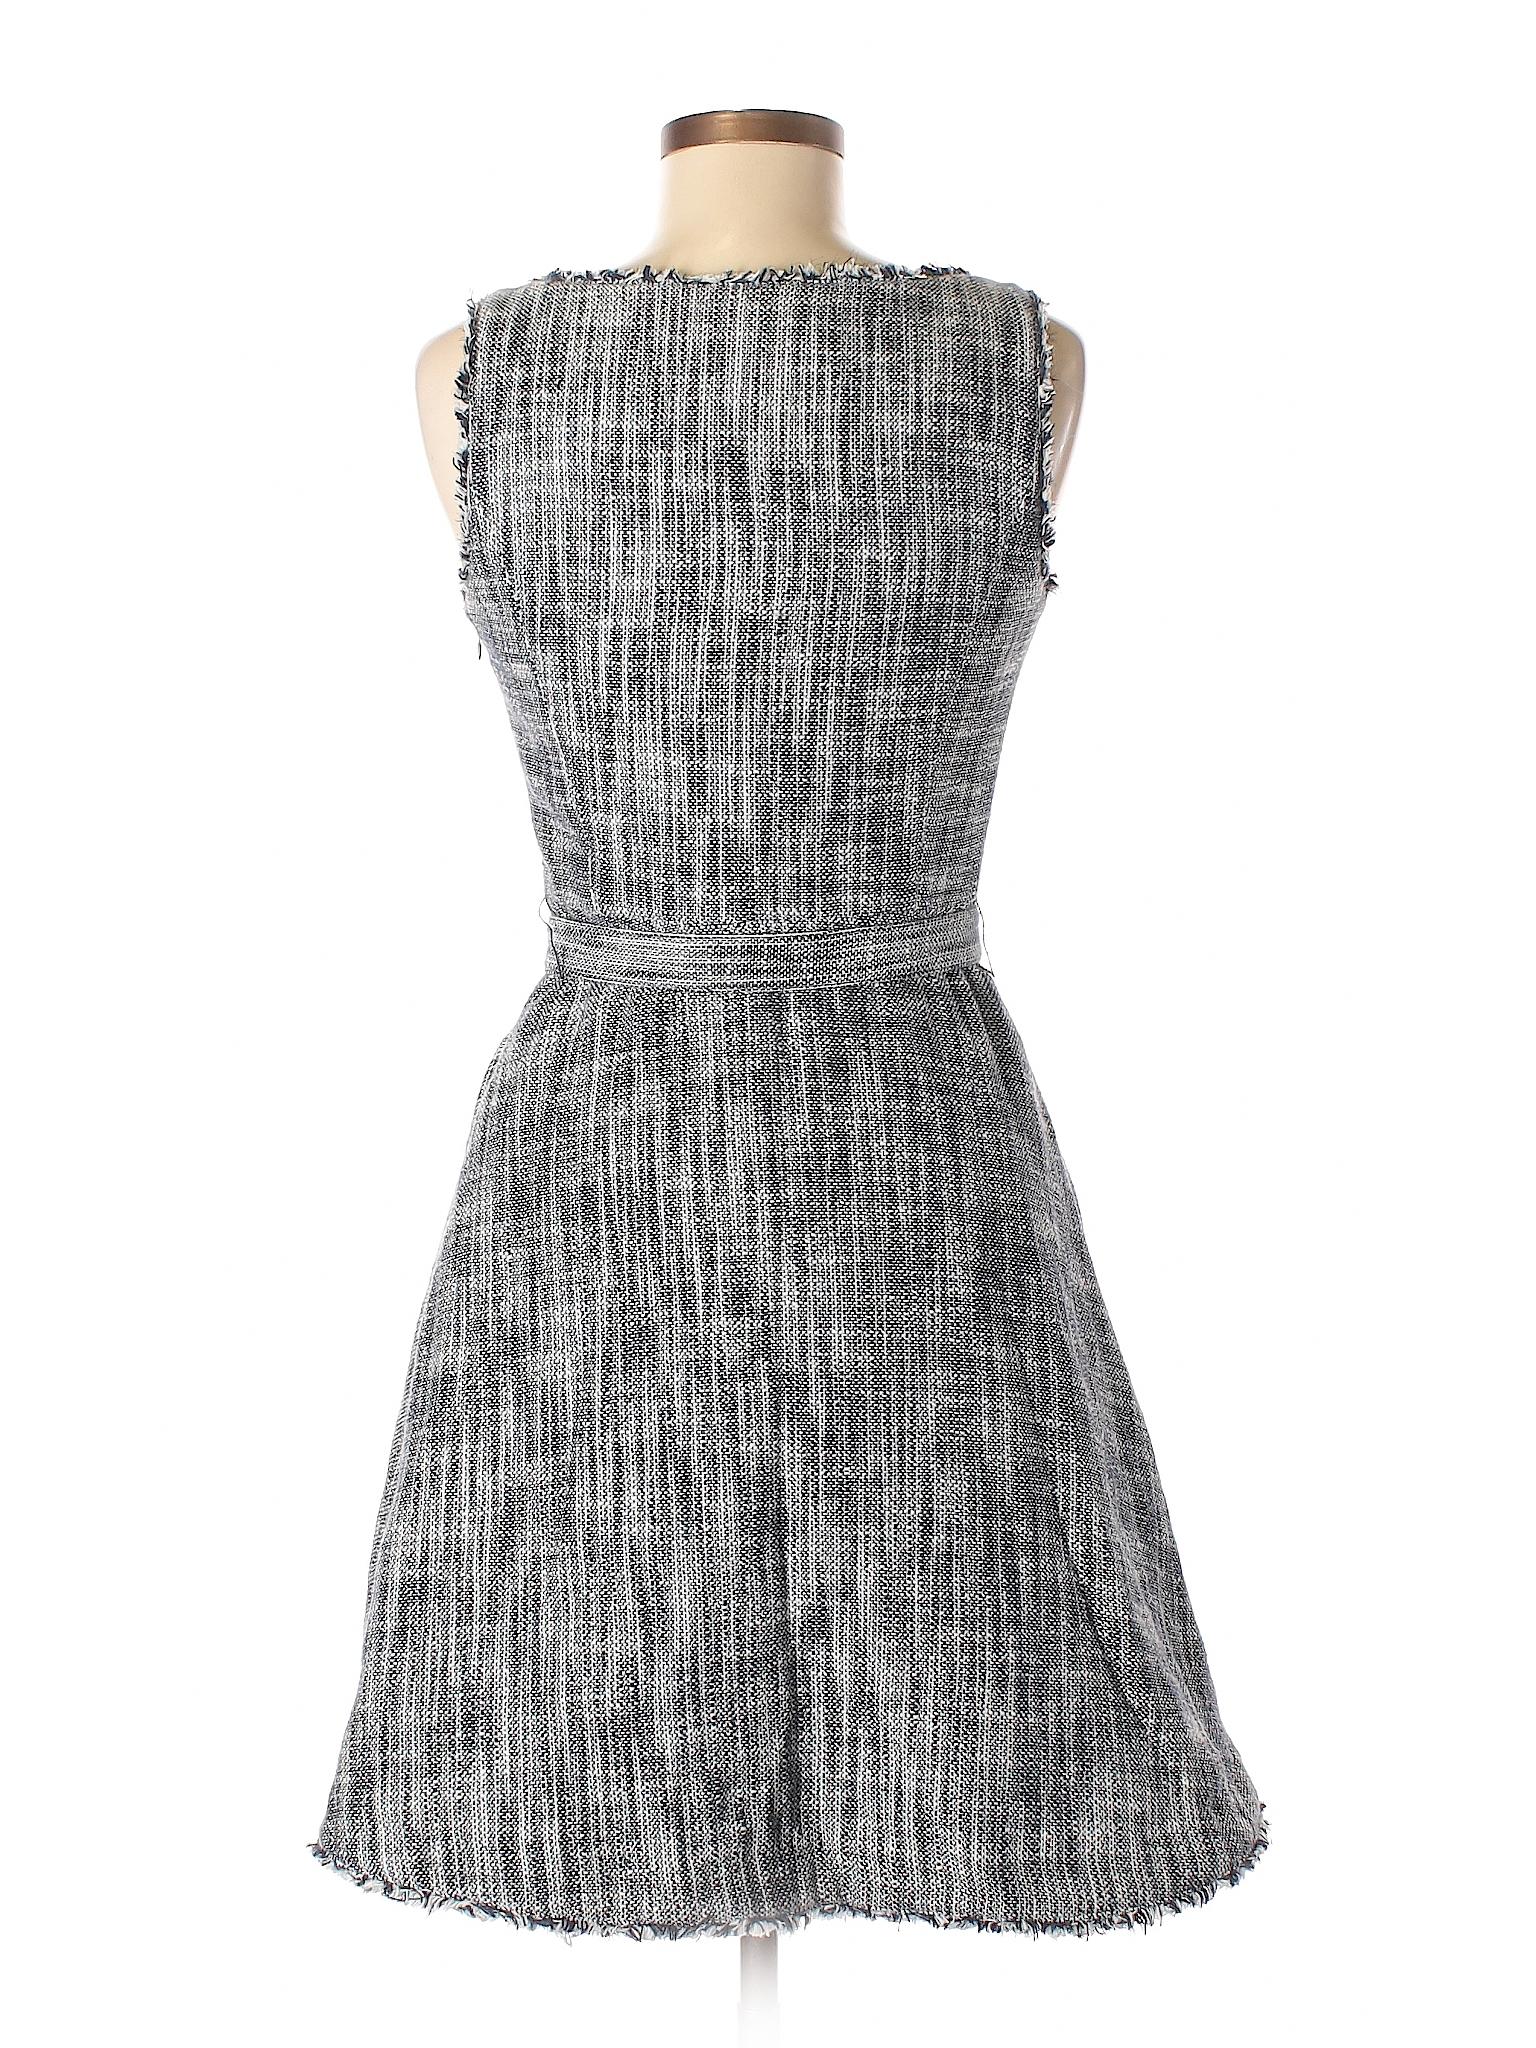 C Wonder Selling Dress Selling C Casual yg6EqwYZE